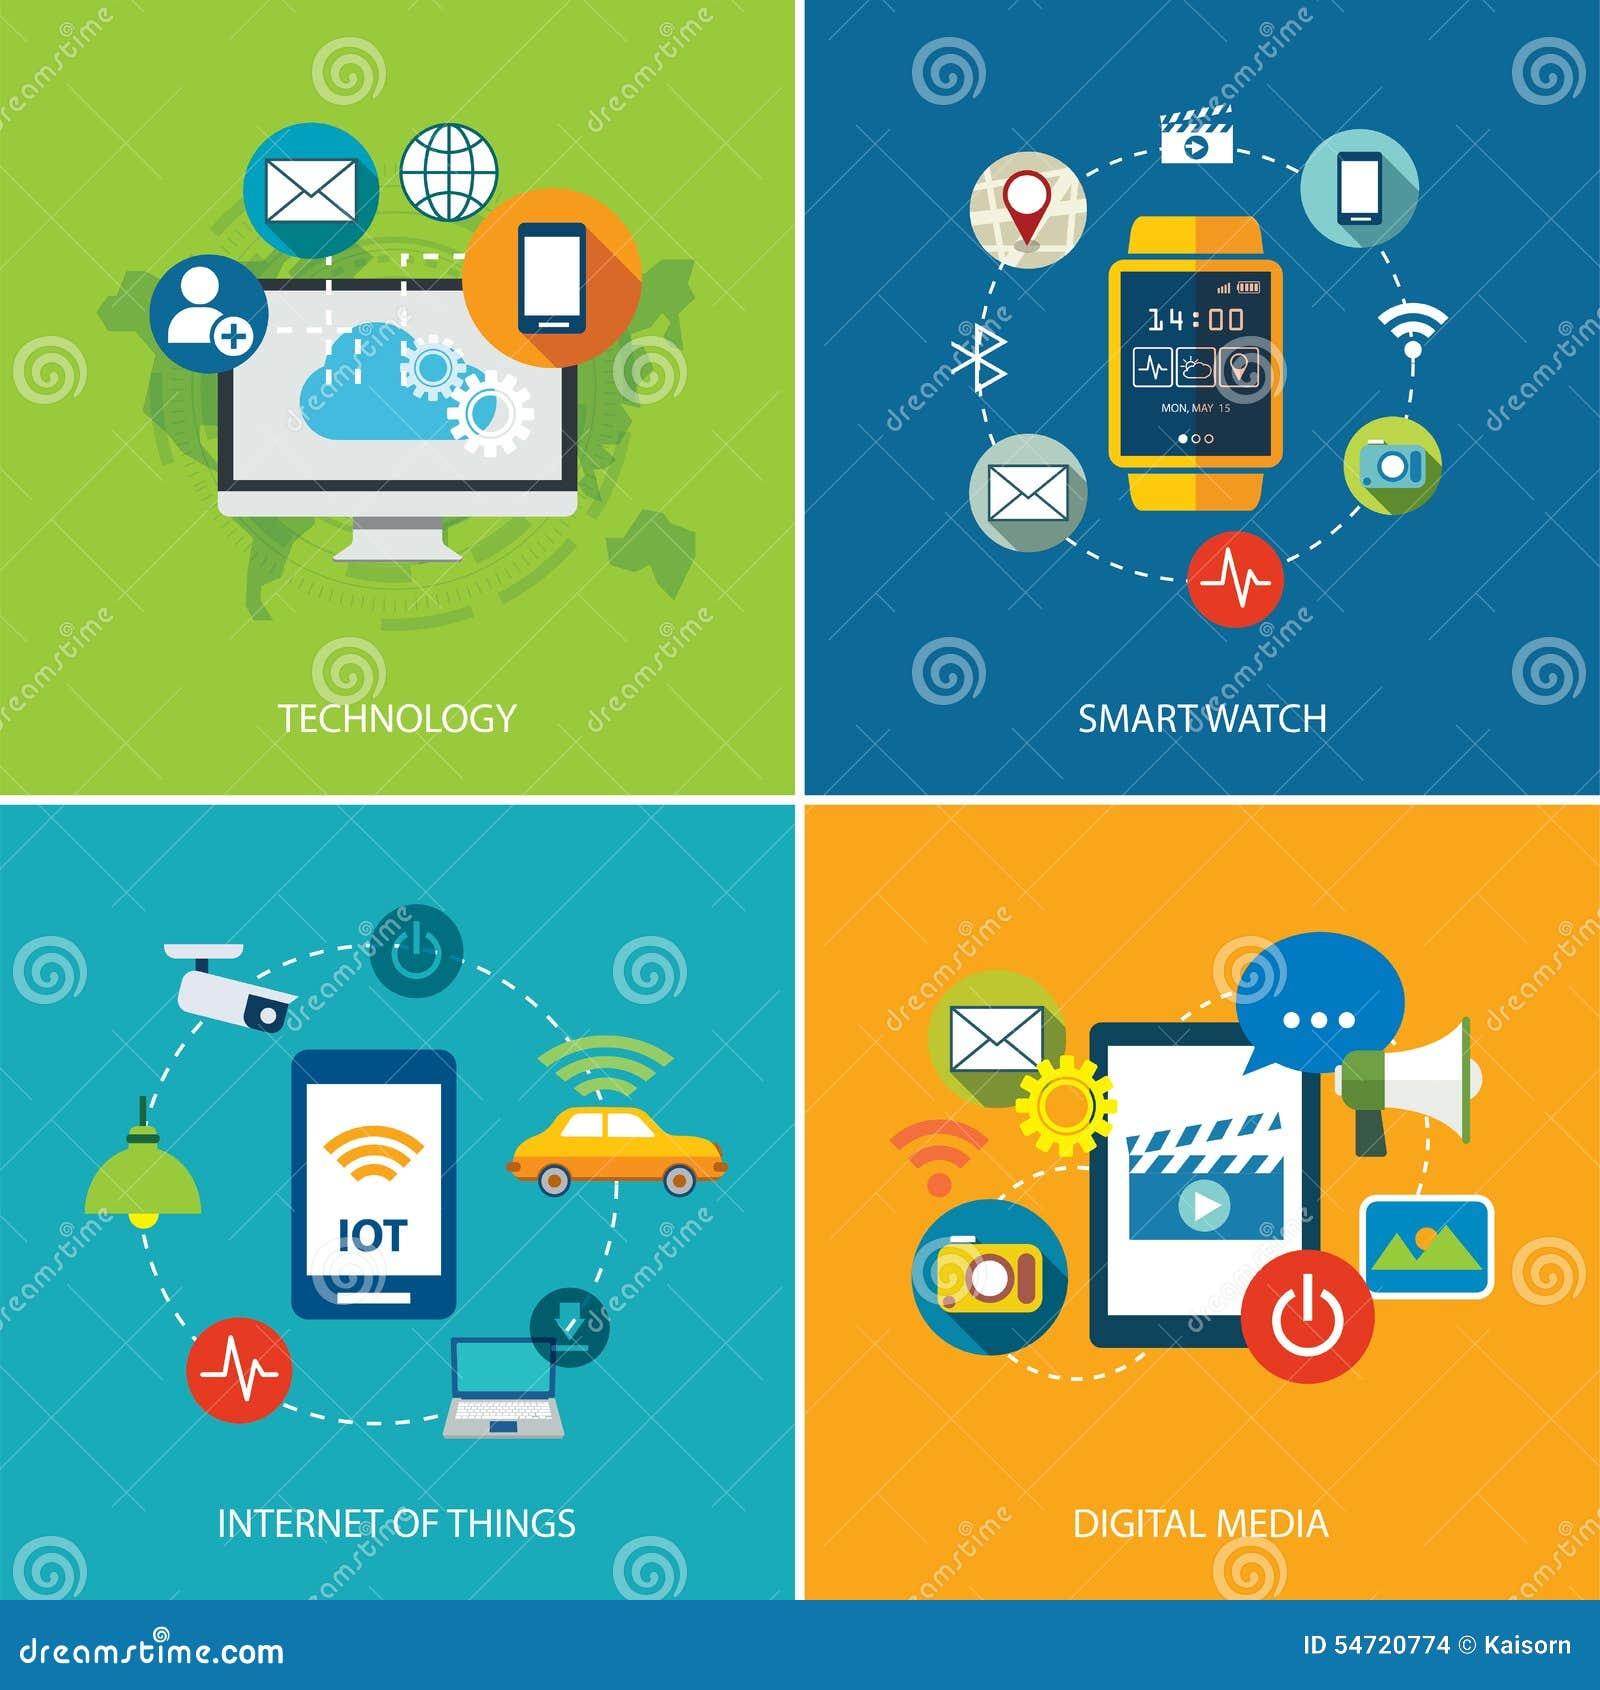 Σύνολο τεχνολογίας, Διαδίκτυο των πραγμάτων, και των ψηφιακών μέσων